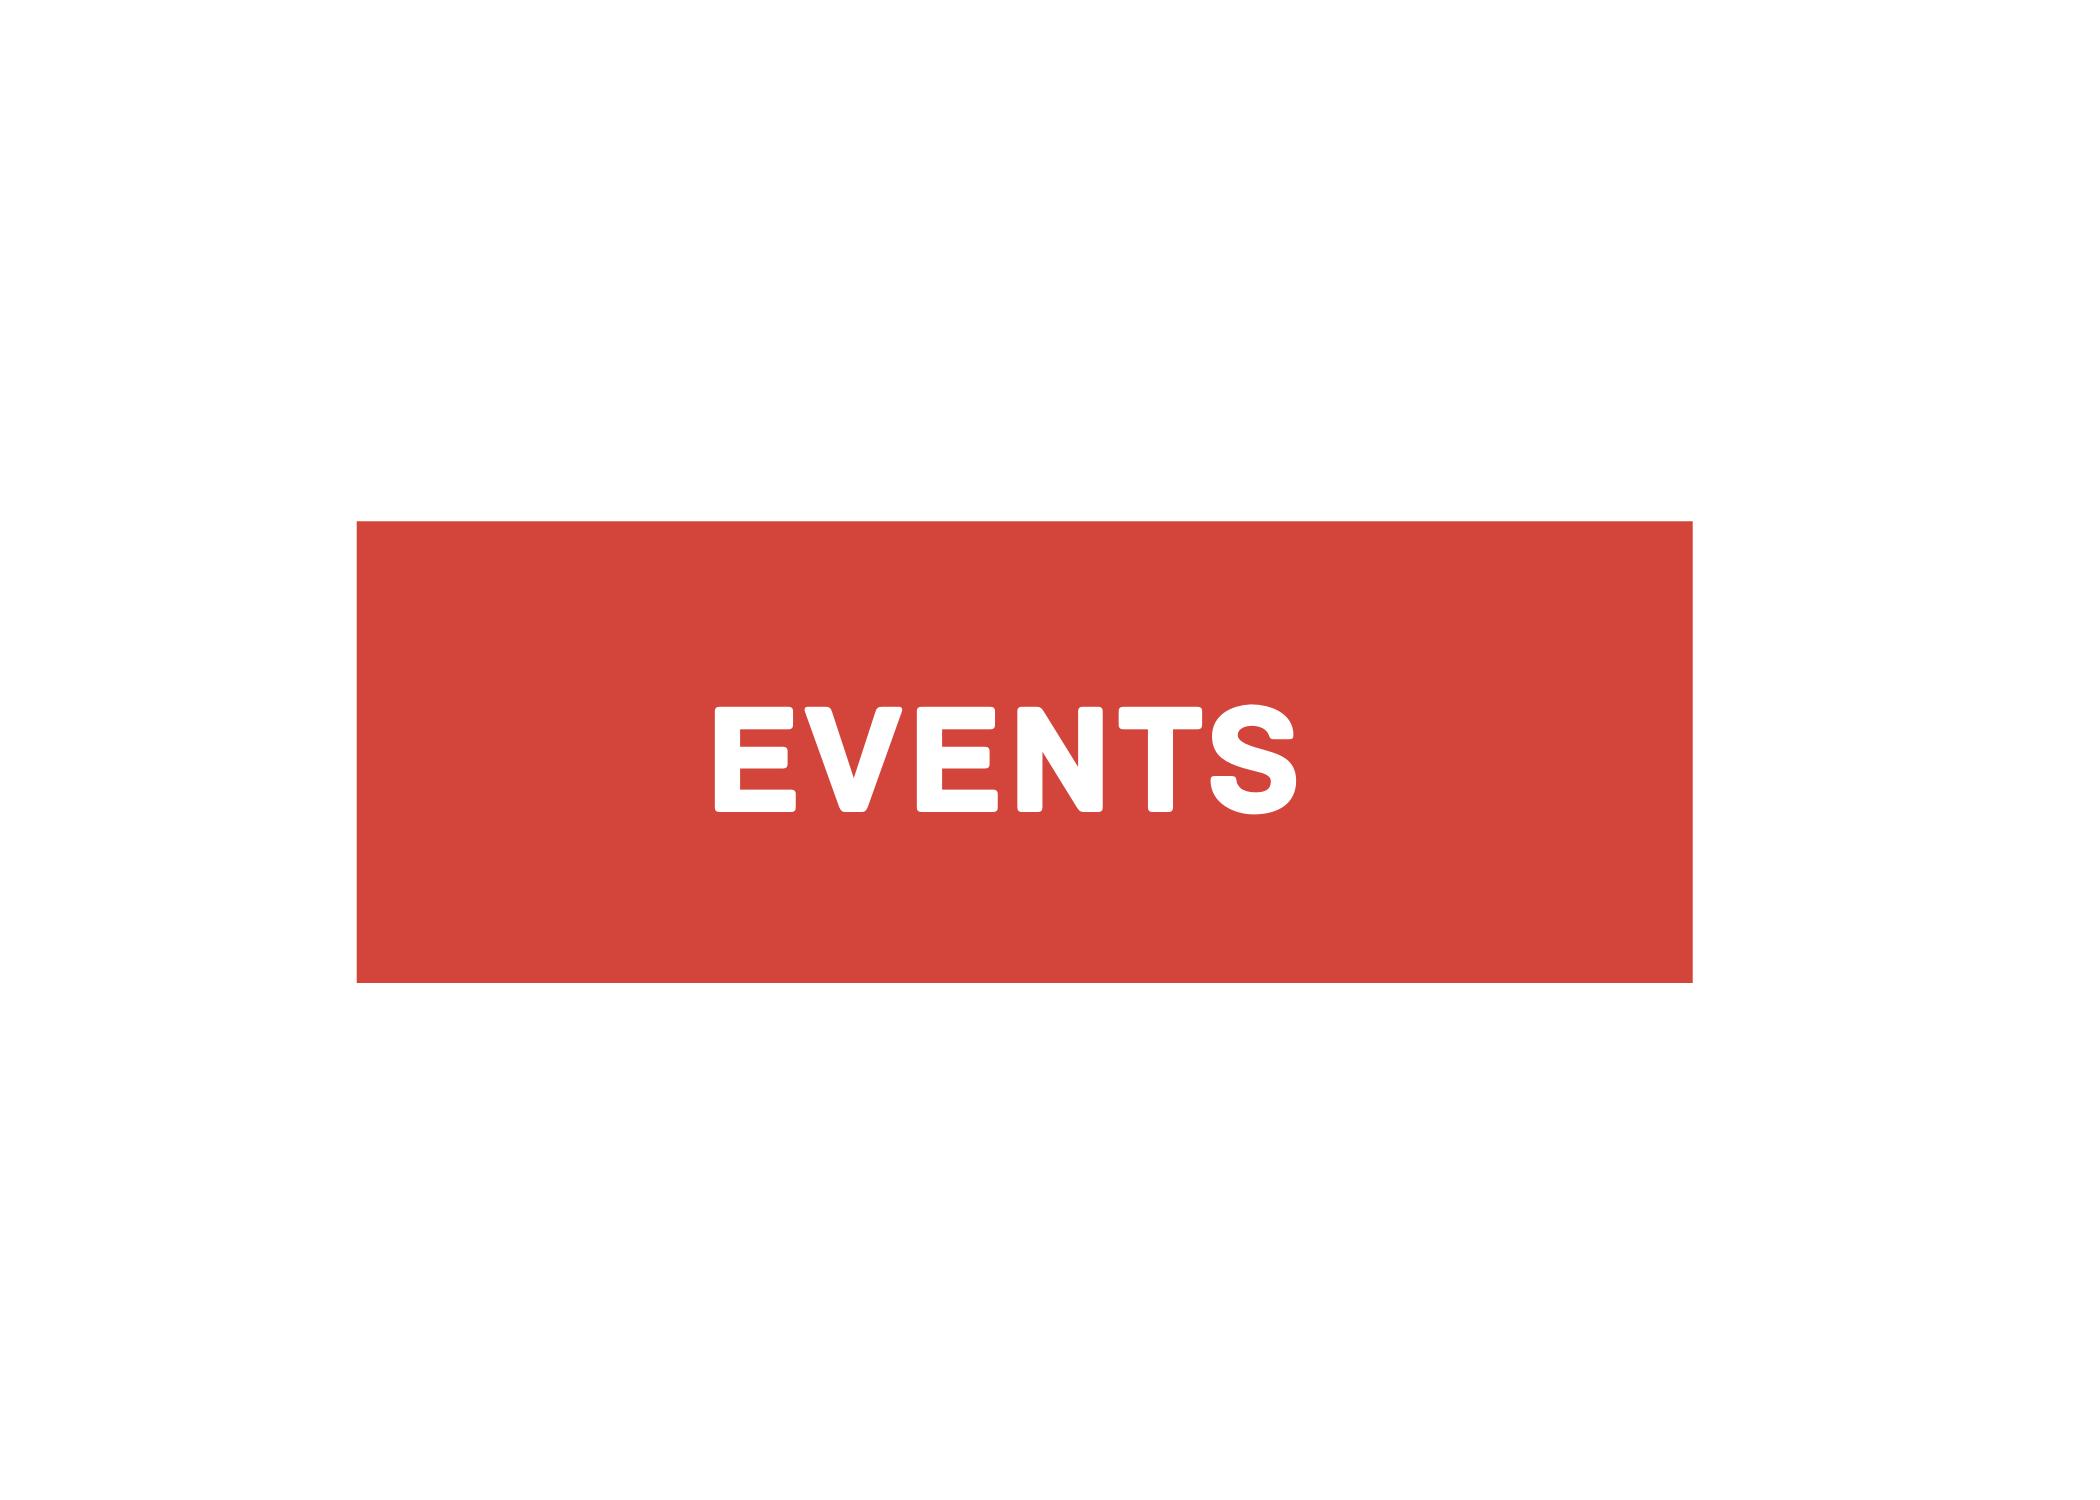 12.03.20 – Airsoft Event Updates